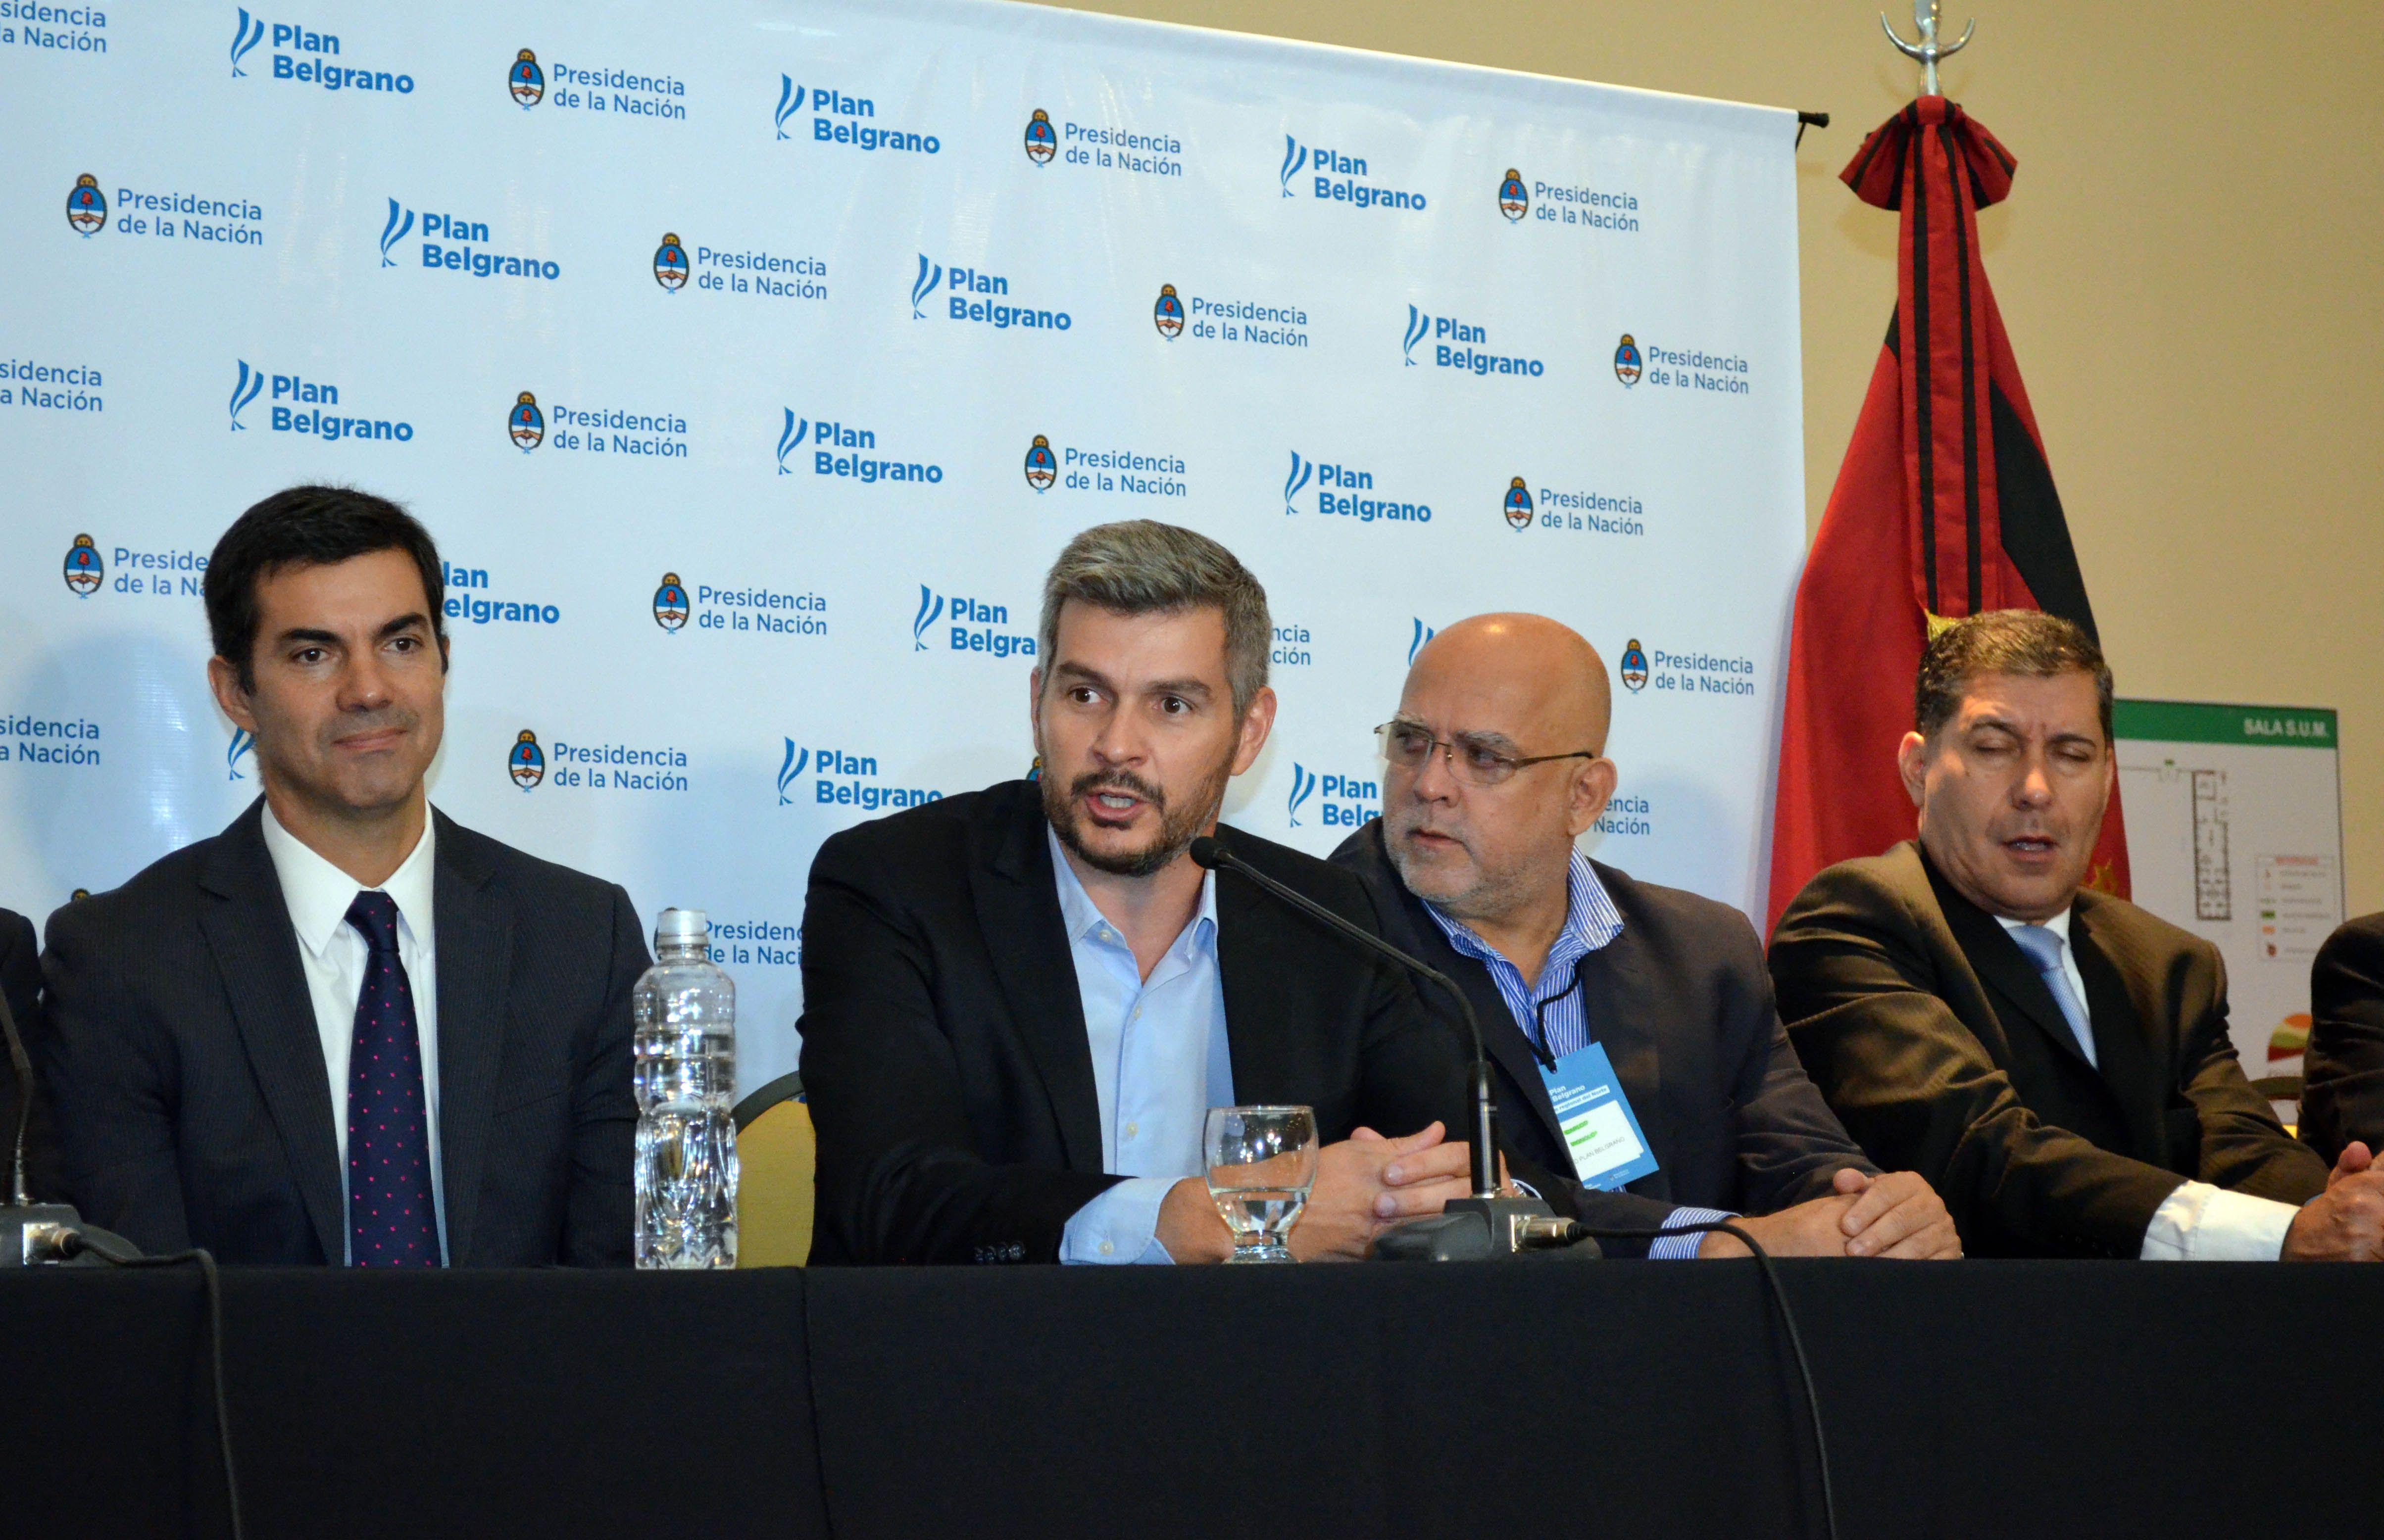 El gobierno de Macri impulsa que se cobre a los extranjeros por atenderse en hospitales públicos